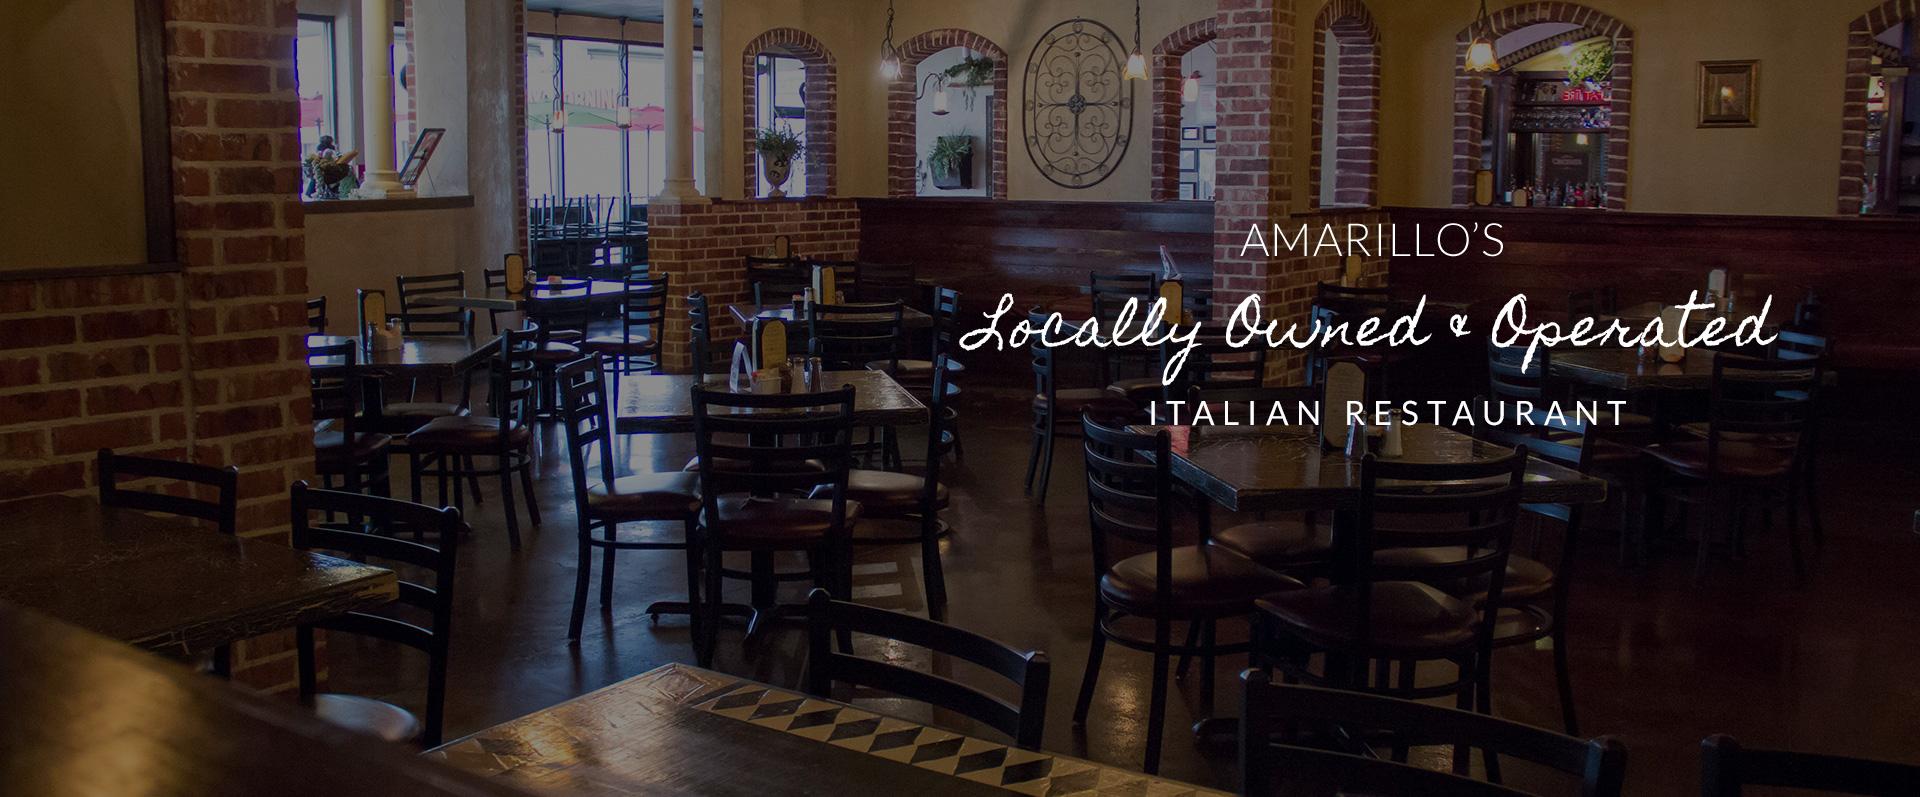 Pescaraz Italian Restaurant Amarillo Tx Pasta Seafood Catering Live Music